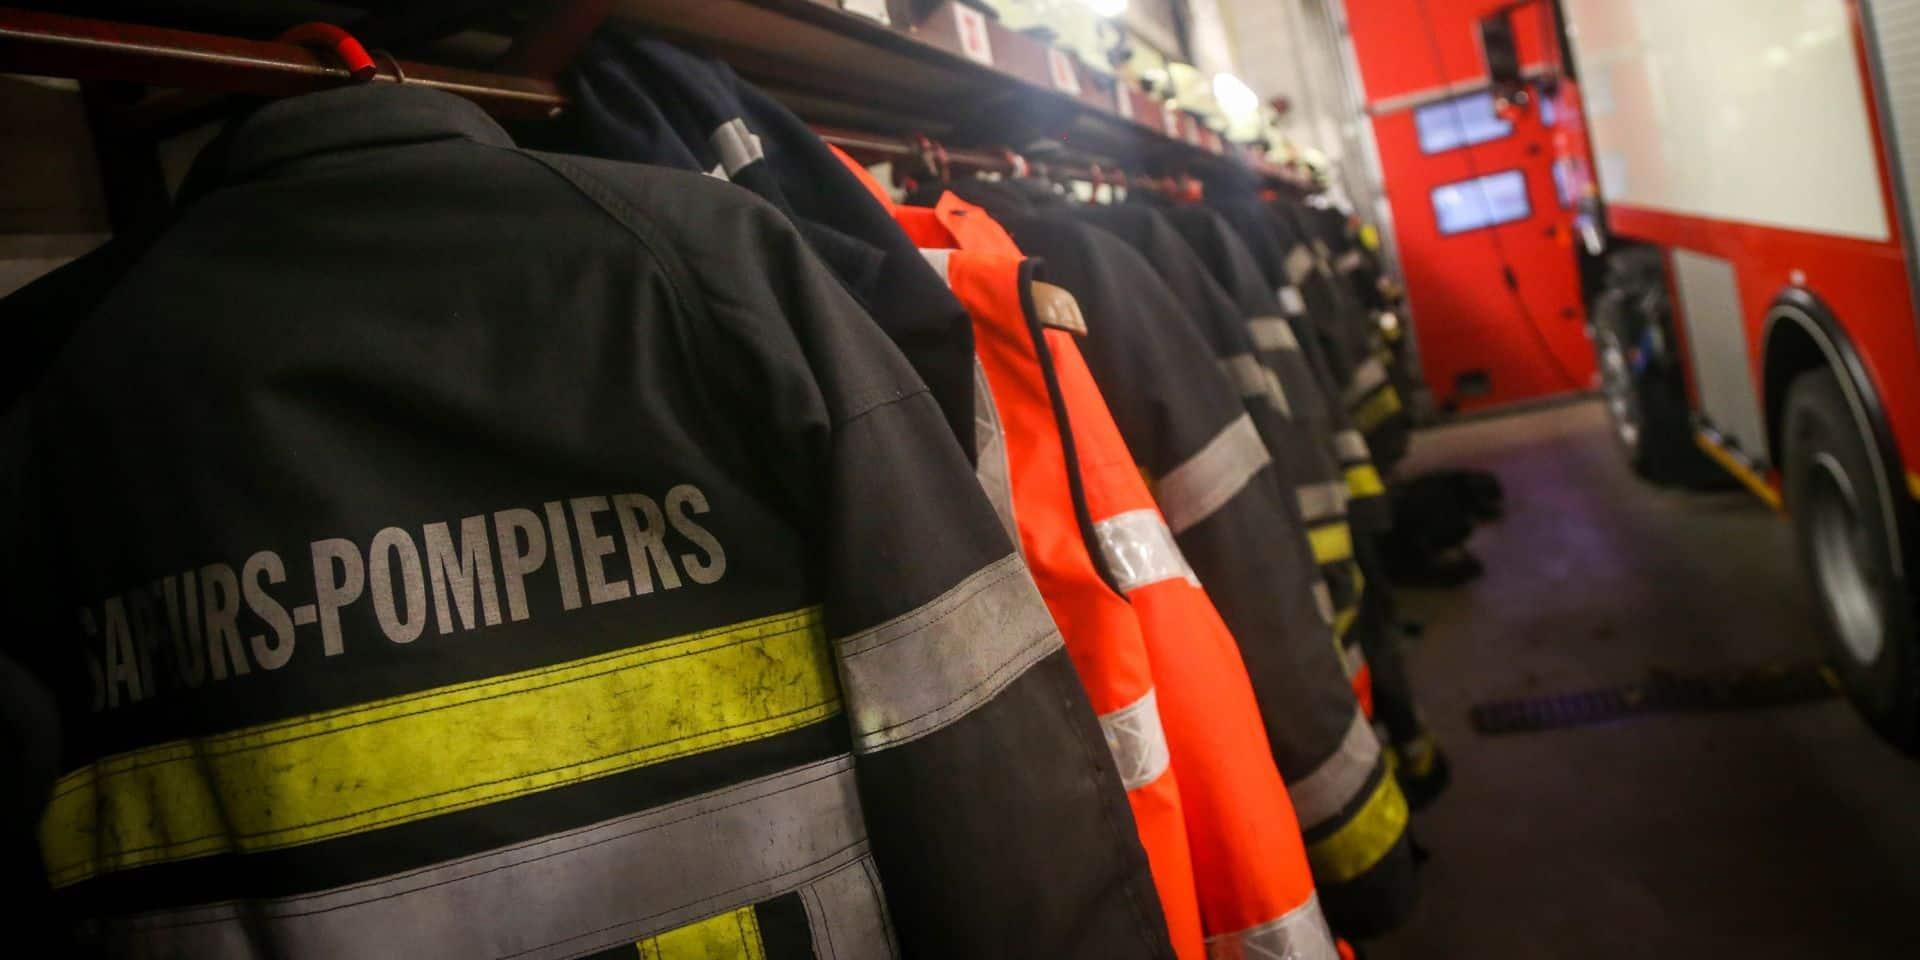 Un incendie se déclare dans la cave d'une habitation à Carnières